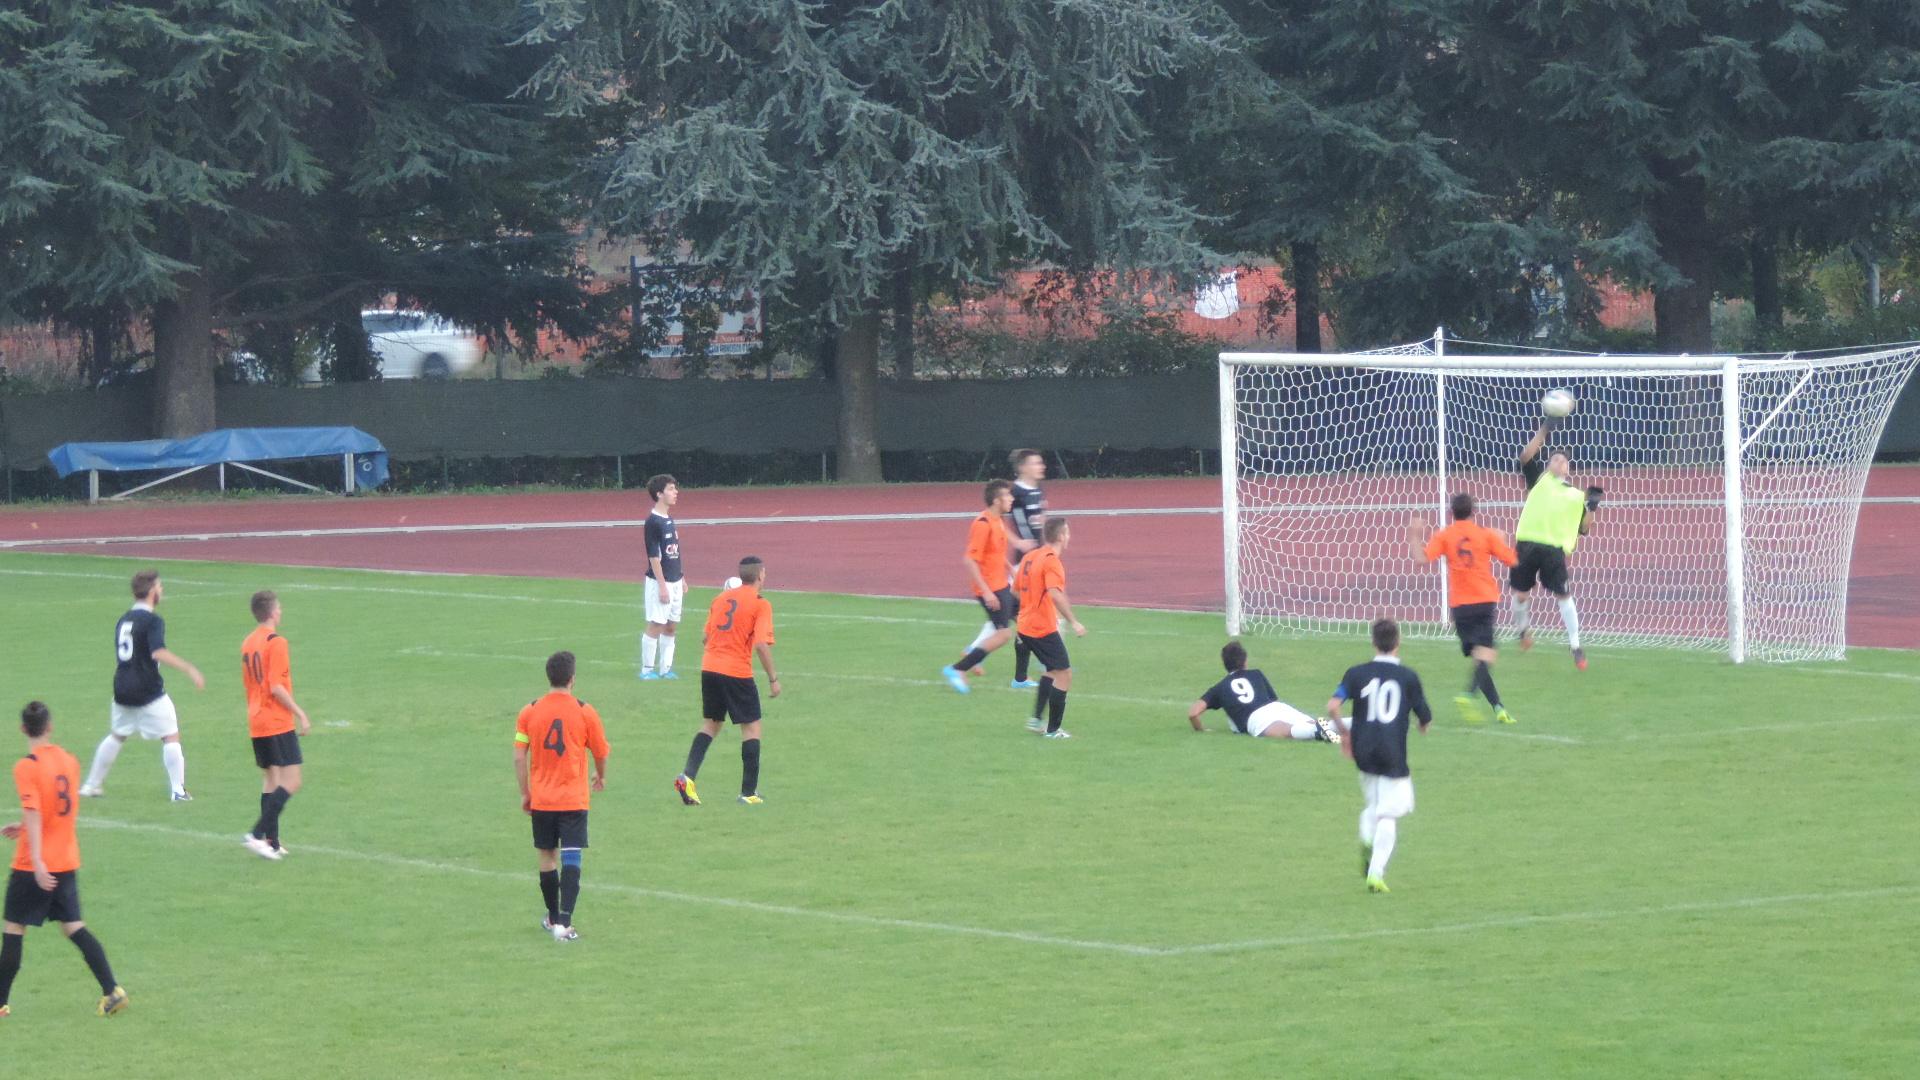 Juniores Regionale: Cantù Sanpaolo vs. Vimercatese 3 – 2